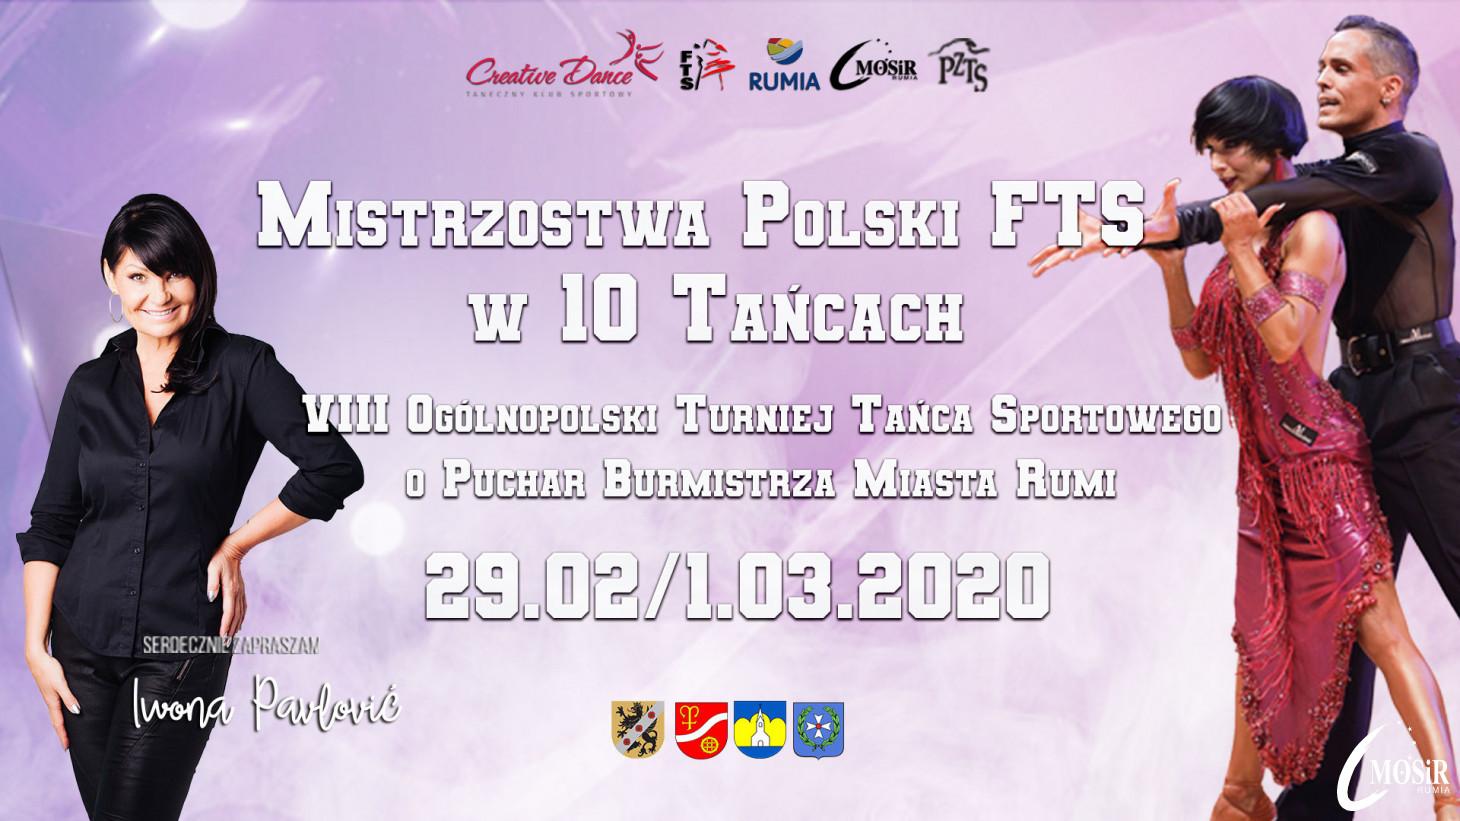 Mistrzostwa Polski FTS w 10 Tańcach i VIII Ogólnopolski Turniej Tańca o Puchar Burmistrza Miasta Rumi